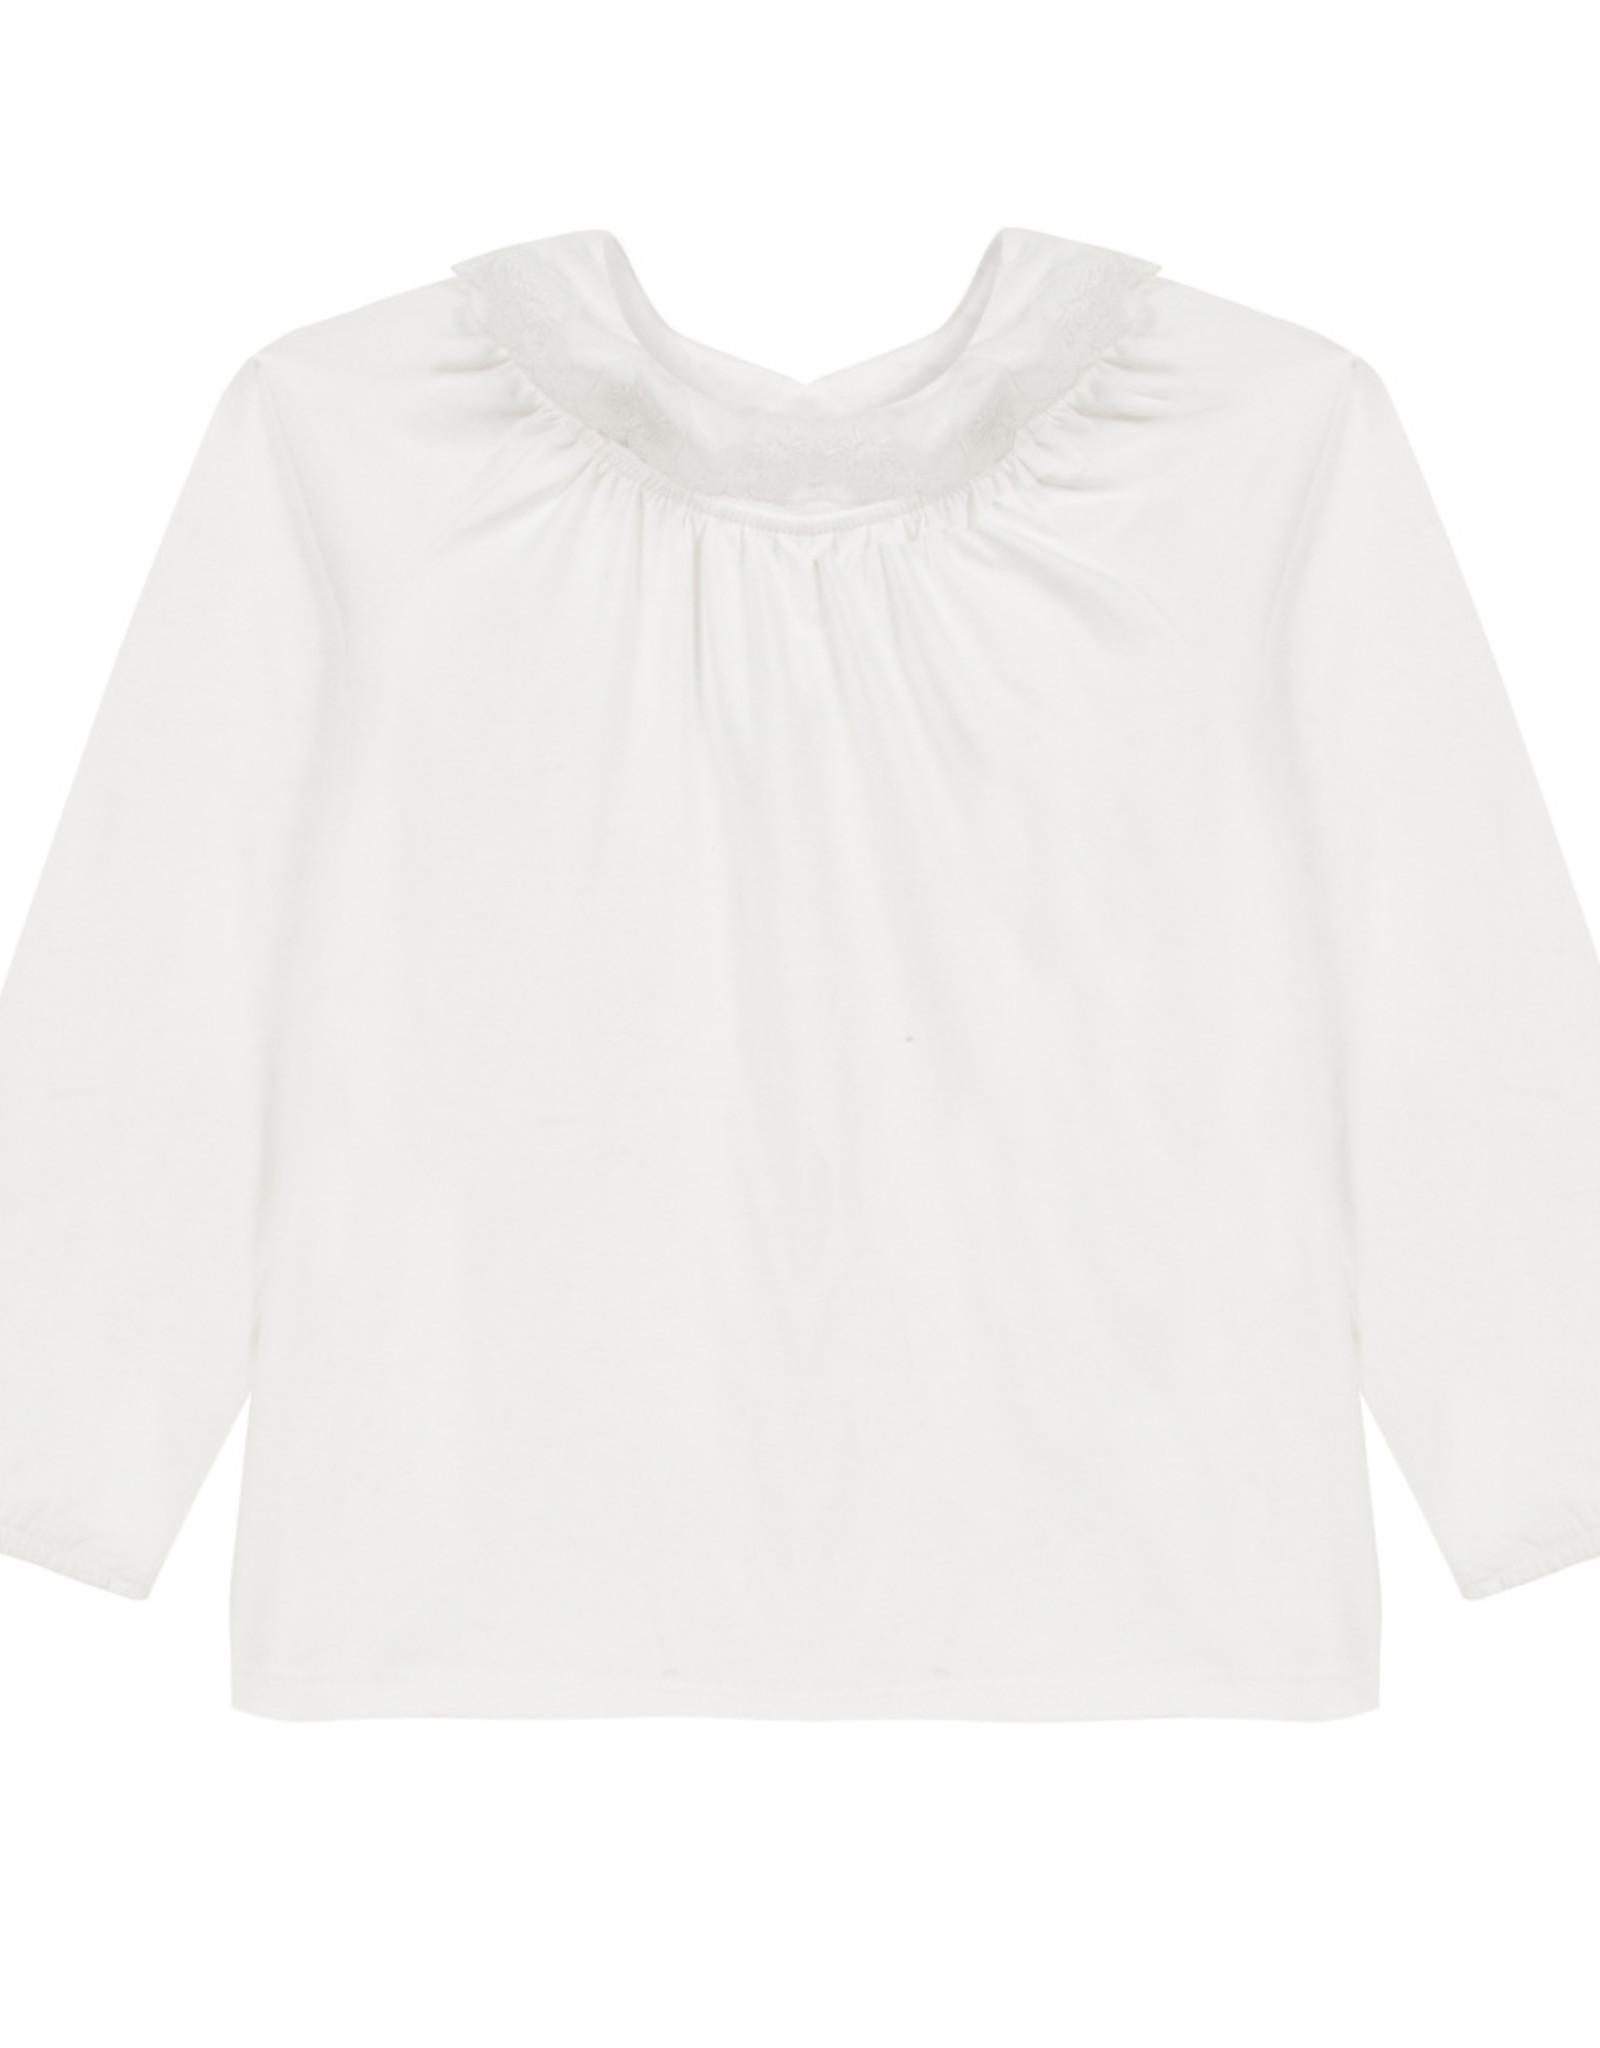 Tartine et Chocolat T-shirt with ruffled collar